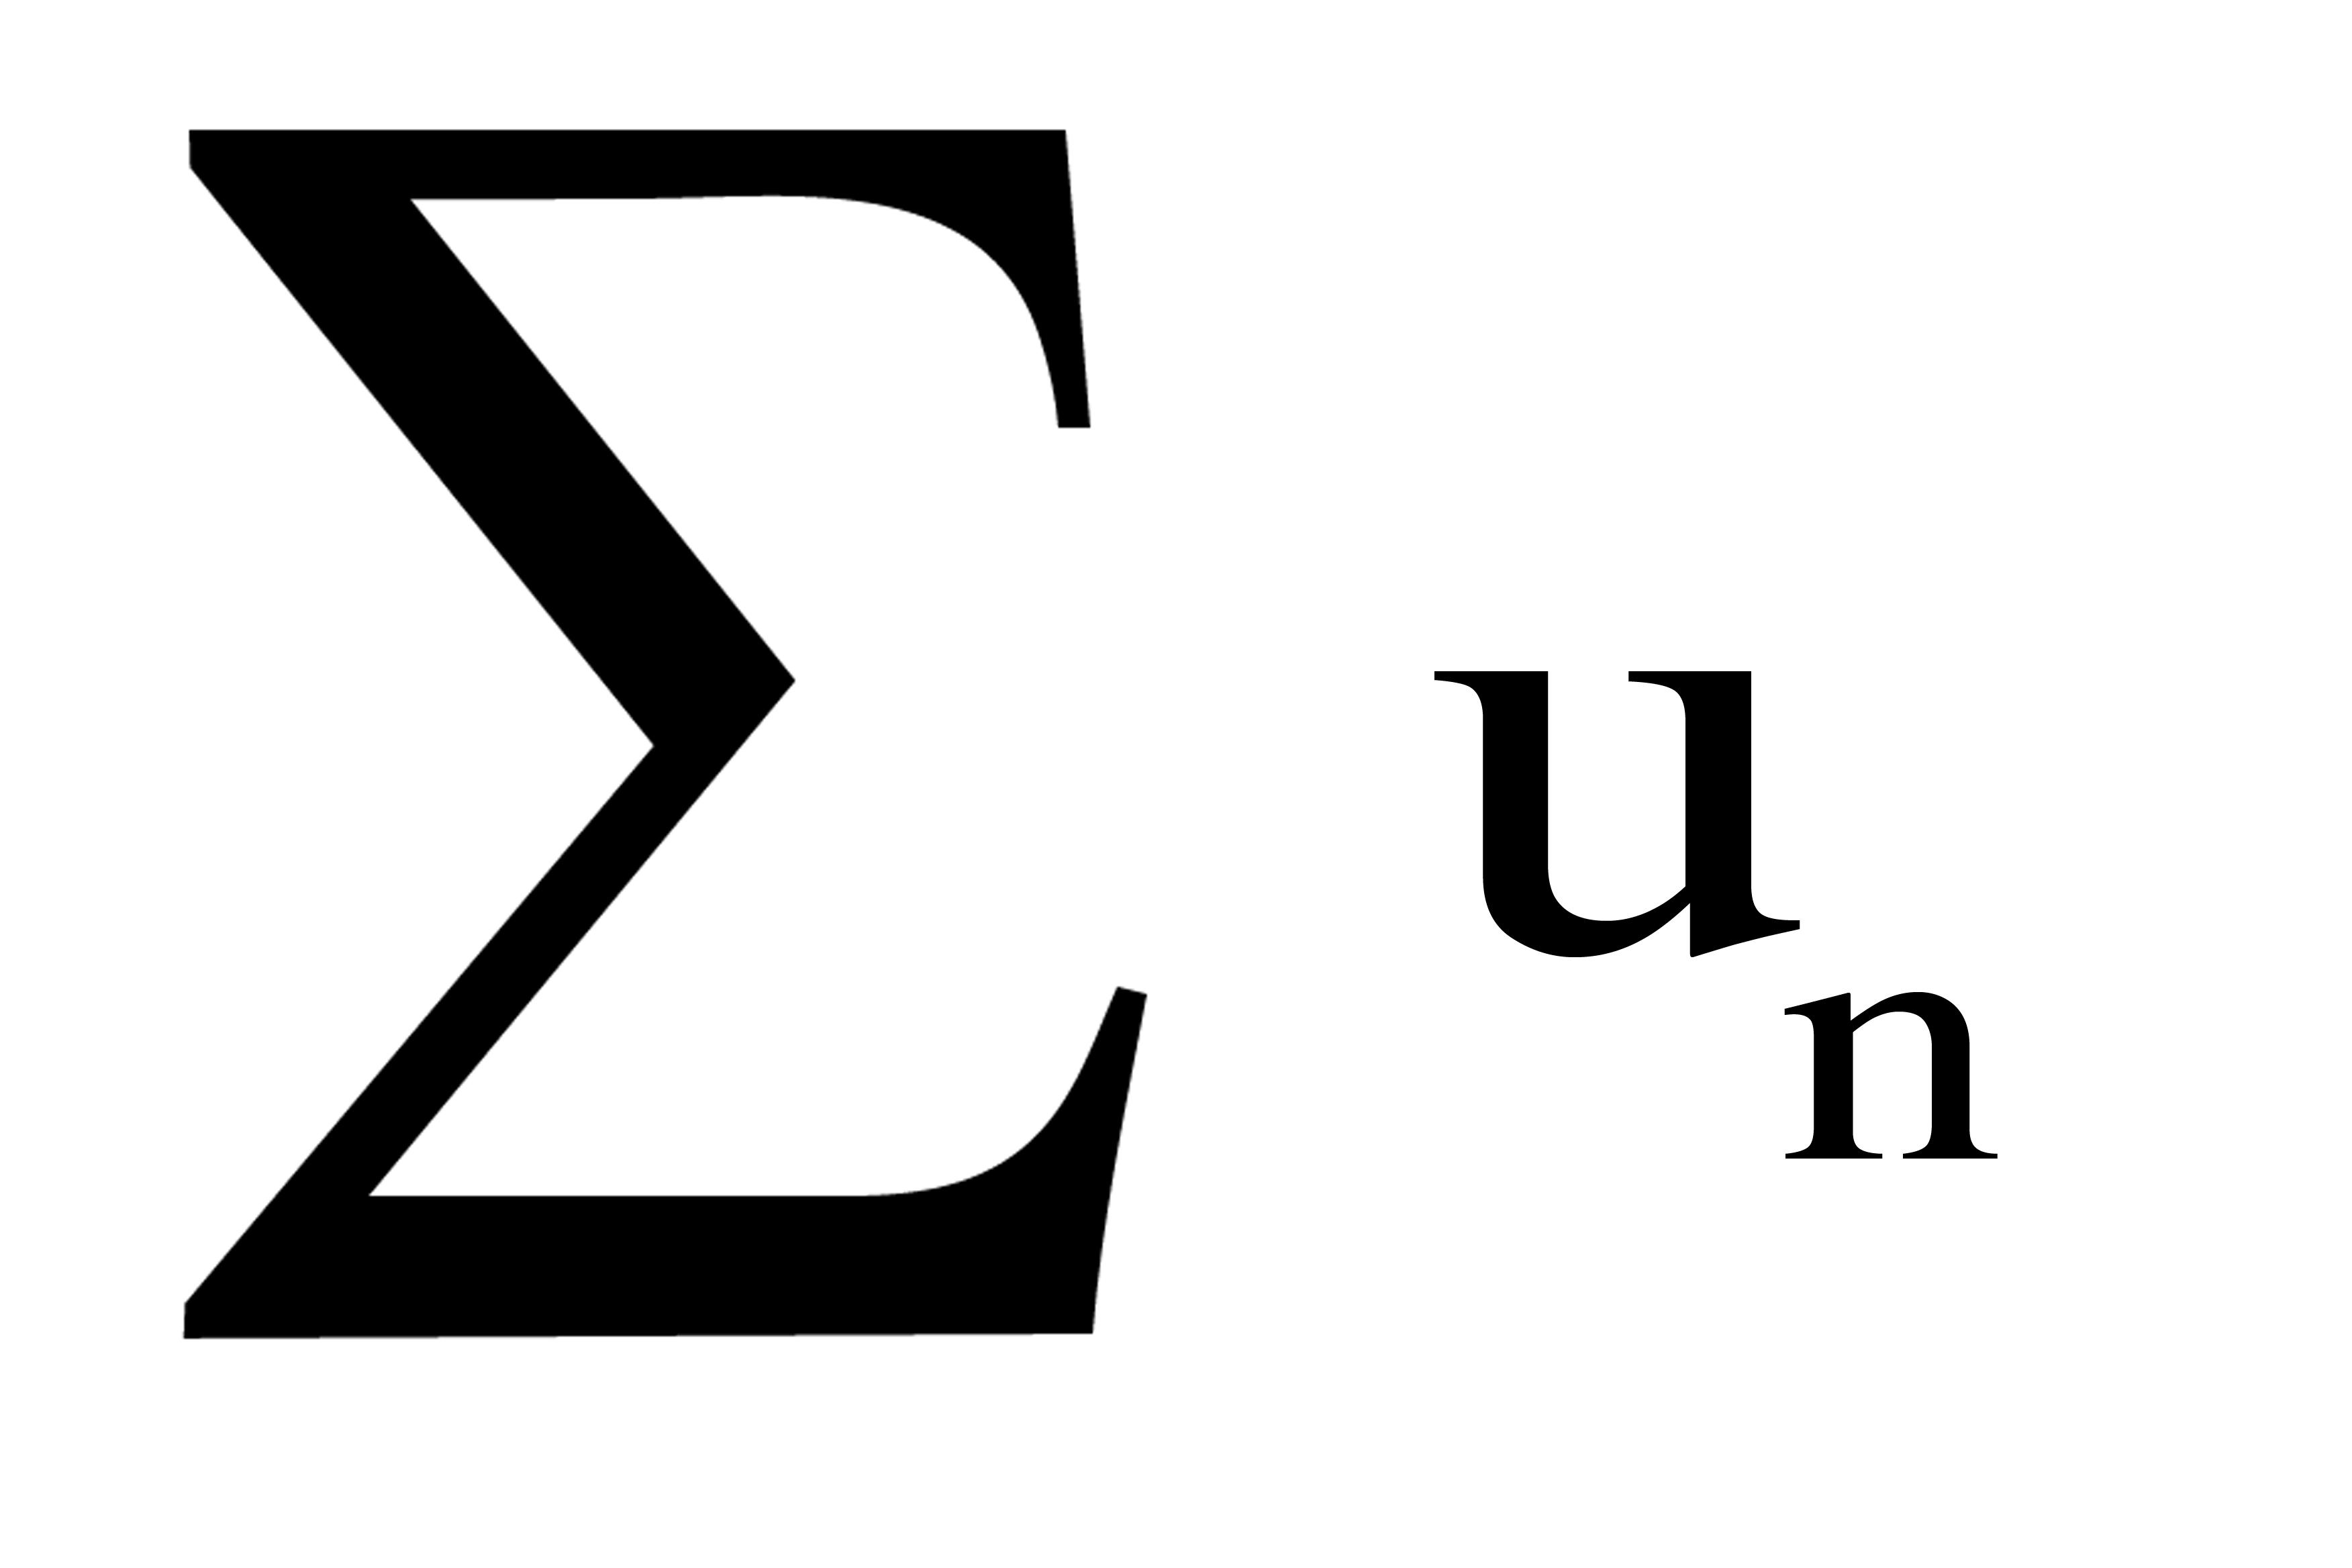 L1: Suites et séries